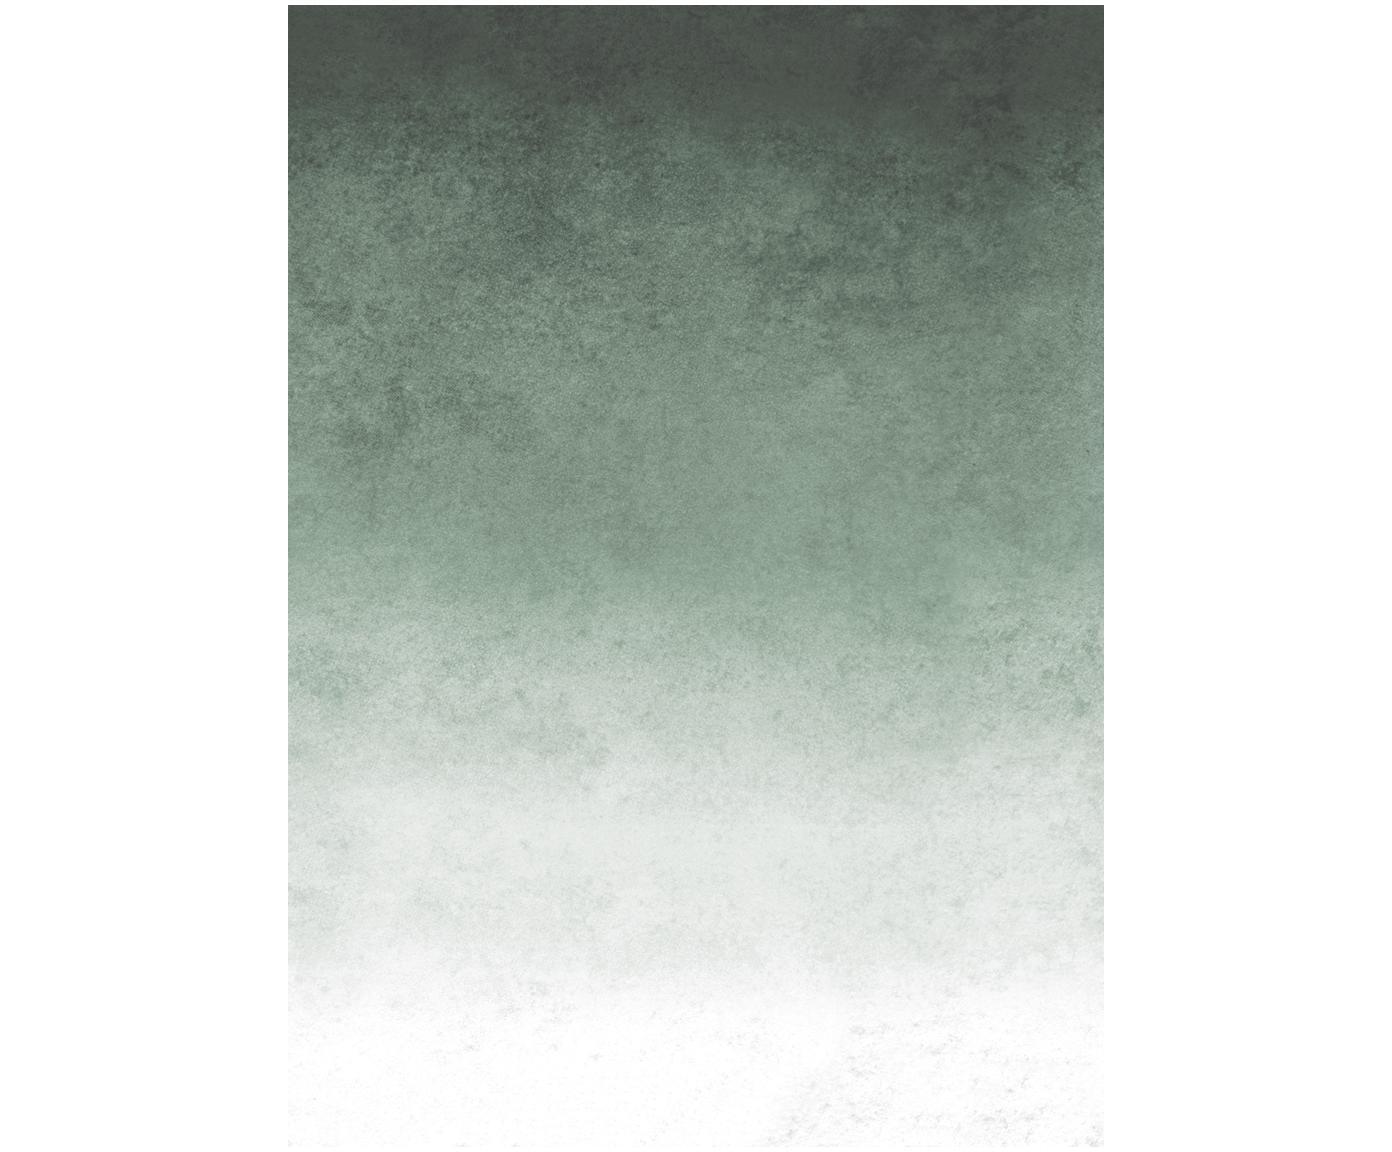 Adesivo murale Fading, Tessuto non tessuto, Bianco, verde chiaro, verde scuro, Larg. 200 x Alt. 280 cm